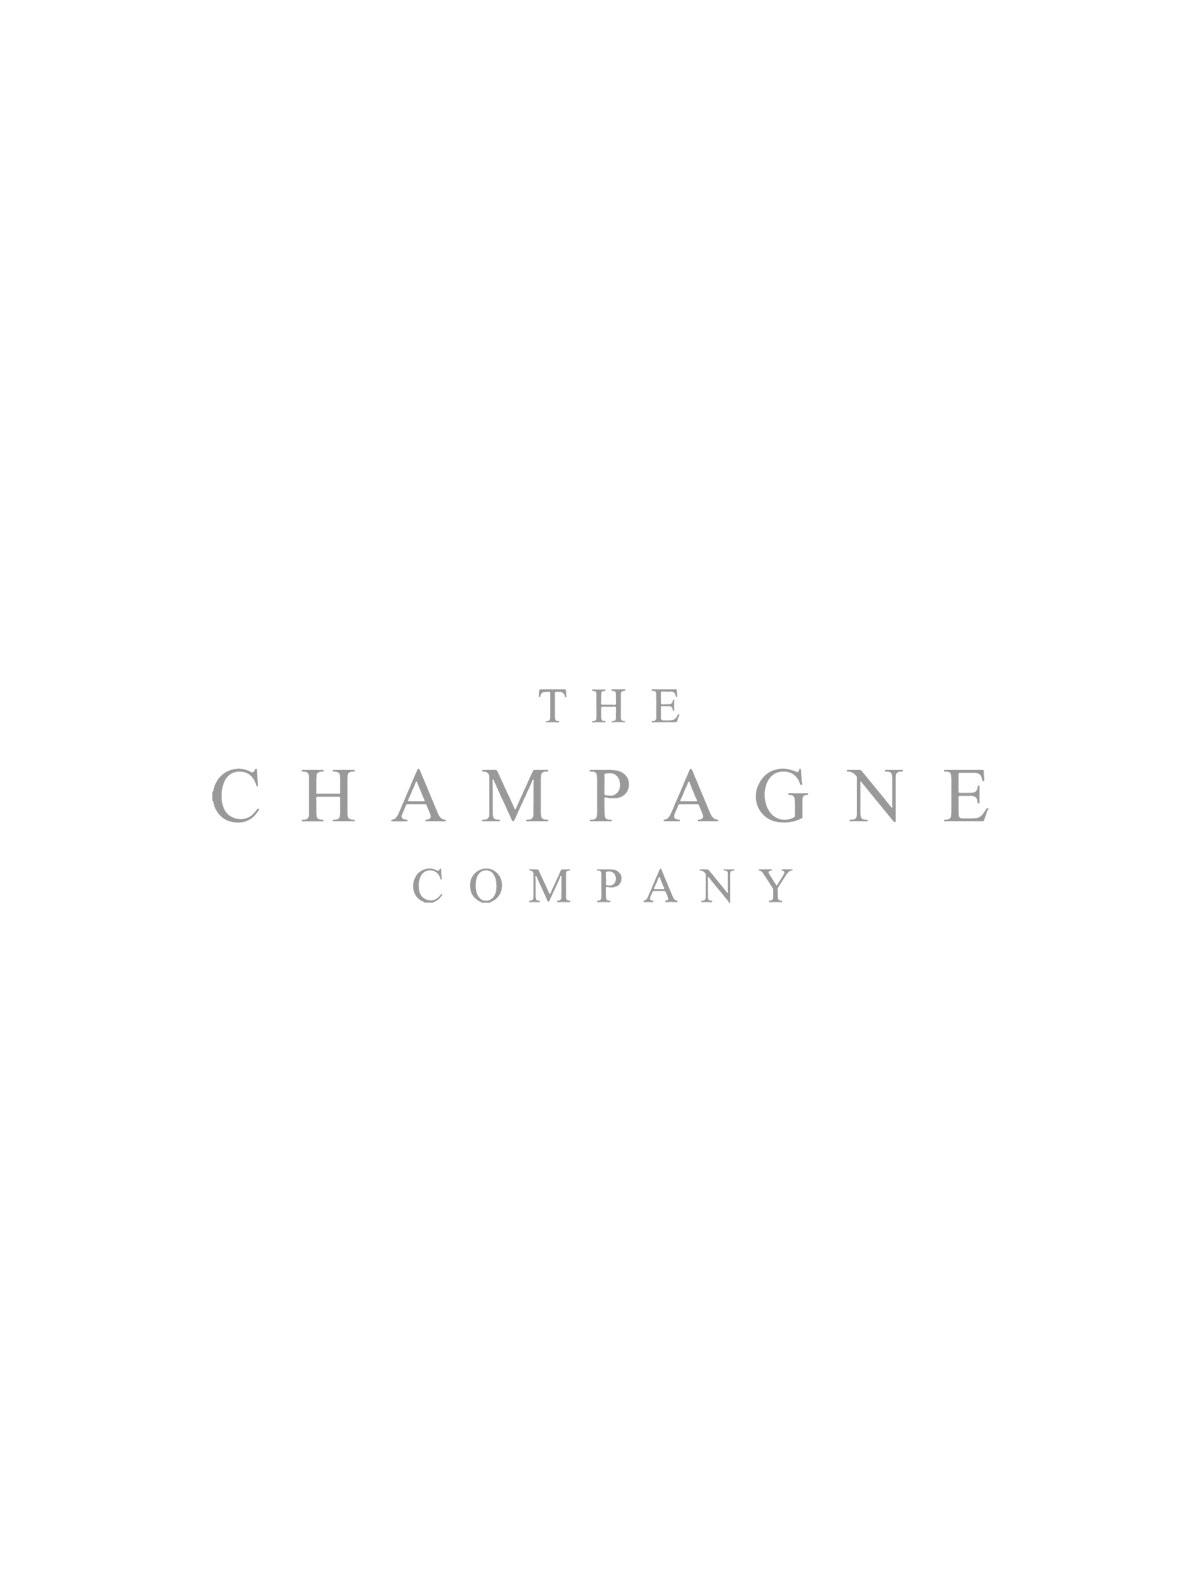 Chateau Damase Bordeaux Superieur Carmenere Red Wine France